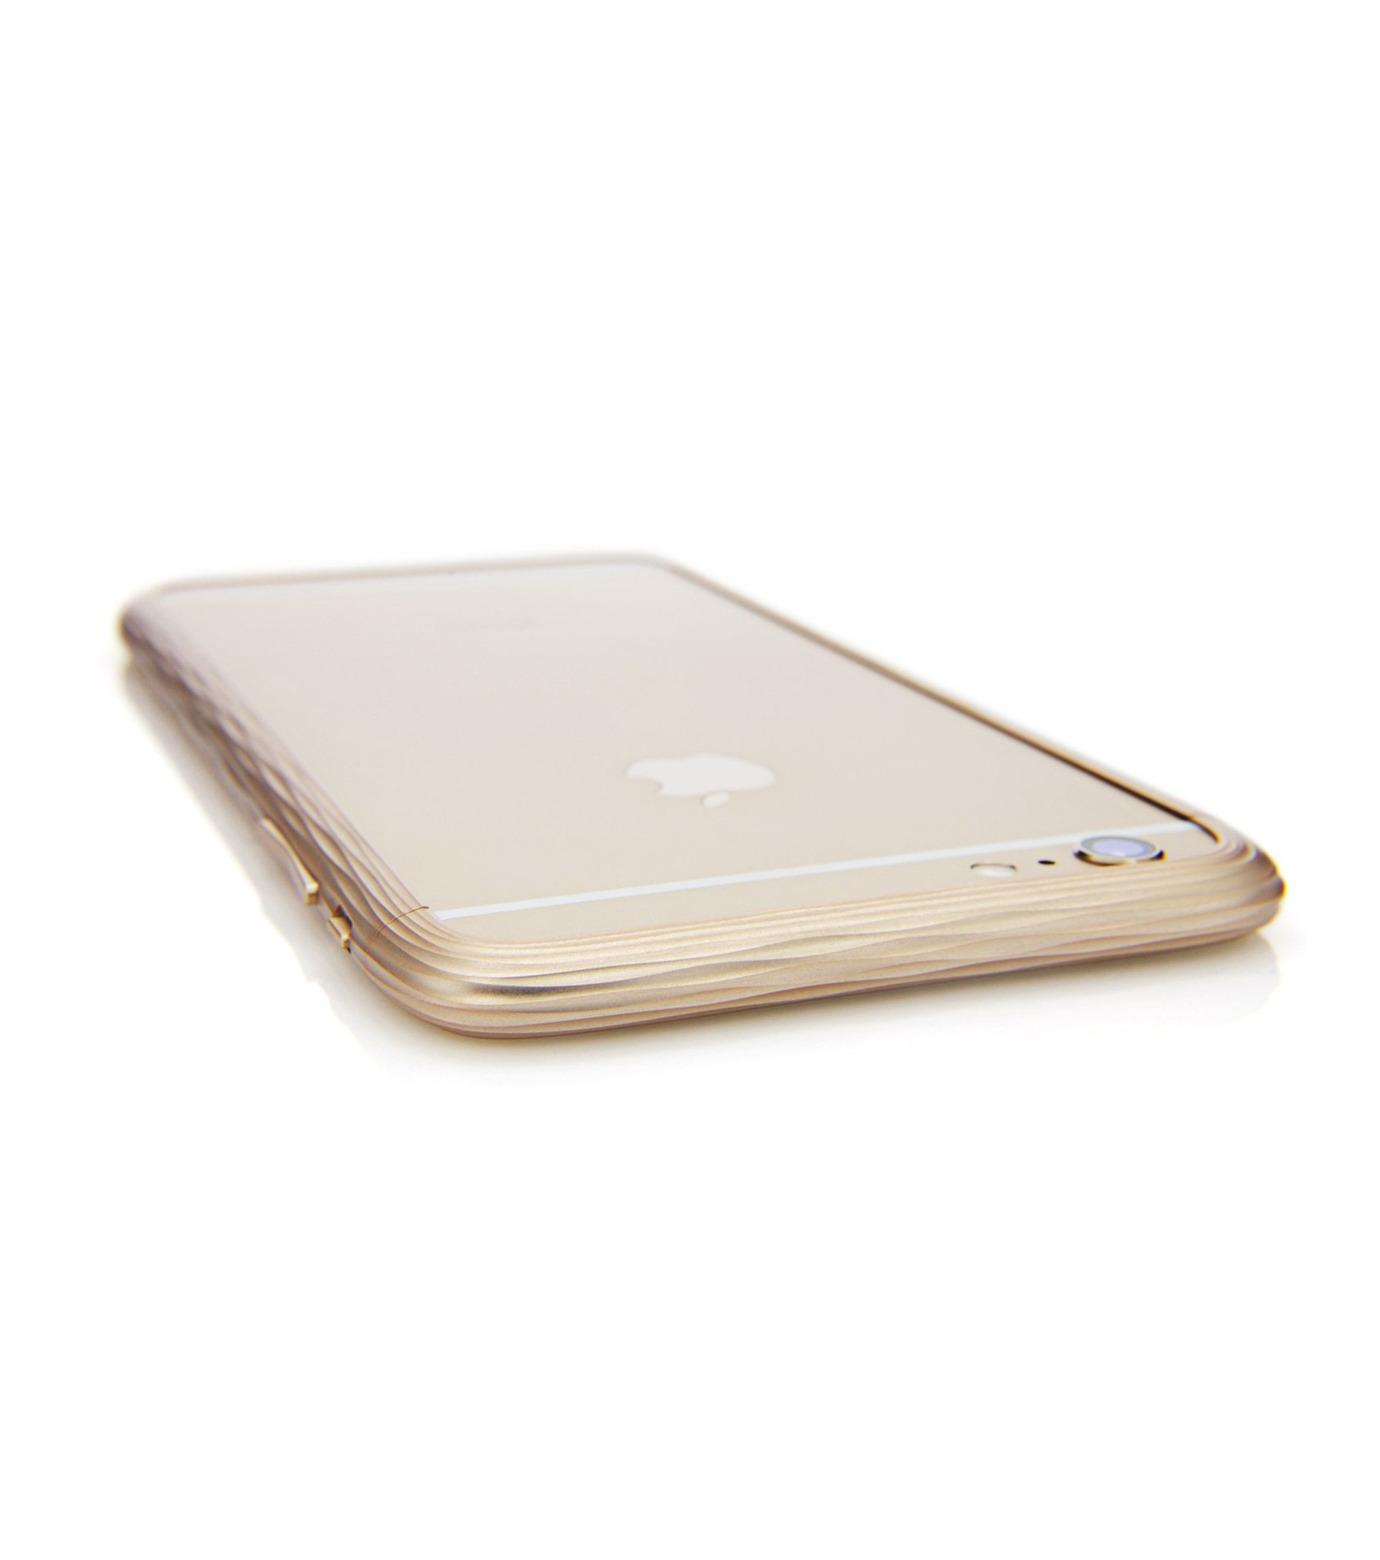 SQUAIR(スクエア)のThe Dimple for iPhone6s plus-GOLD(ケースiphone6plus/6splus/case iphone6plus/6splus)-SQDMP630-GLD-2 拡大詳細画像3